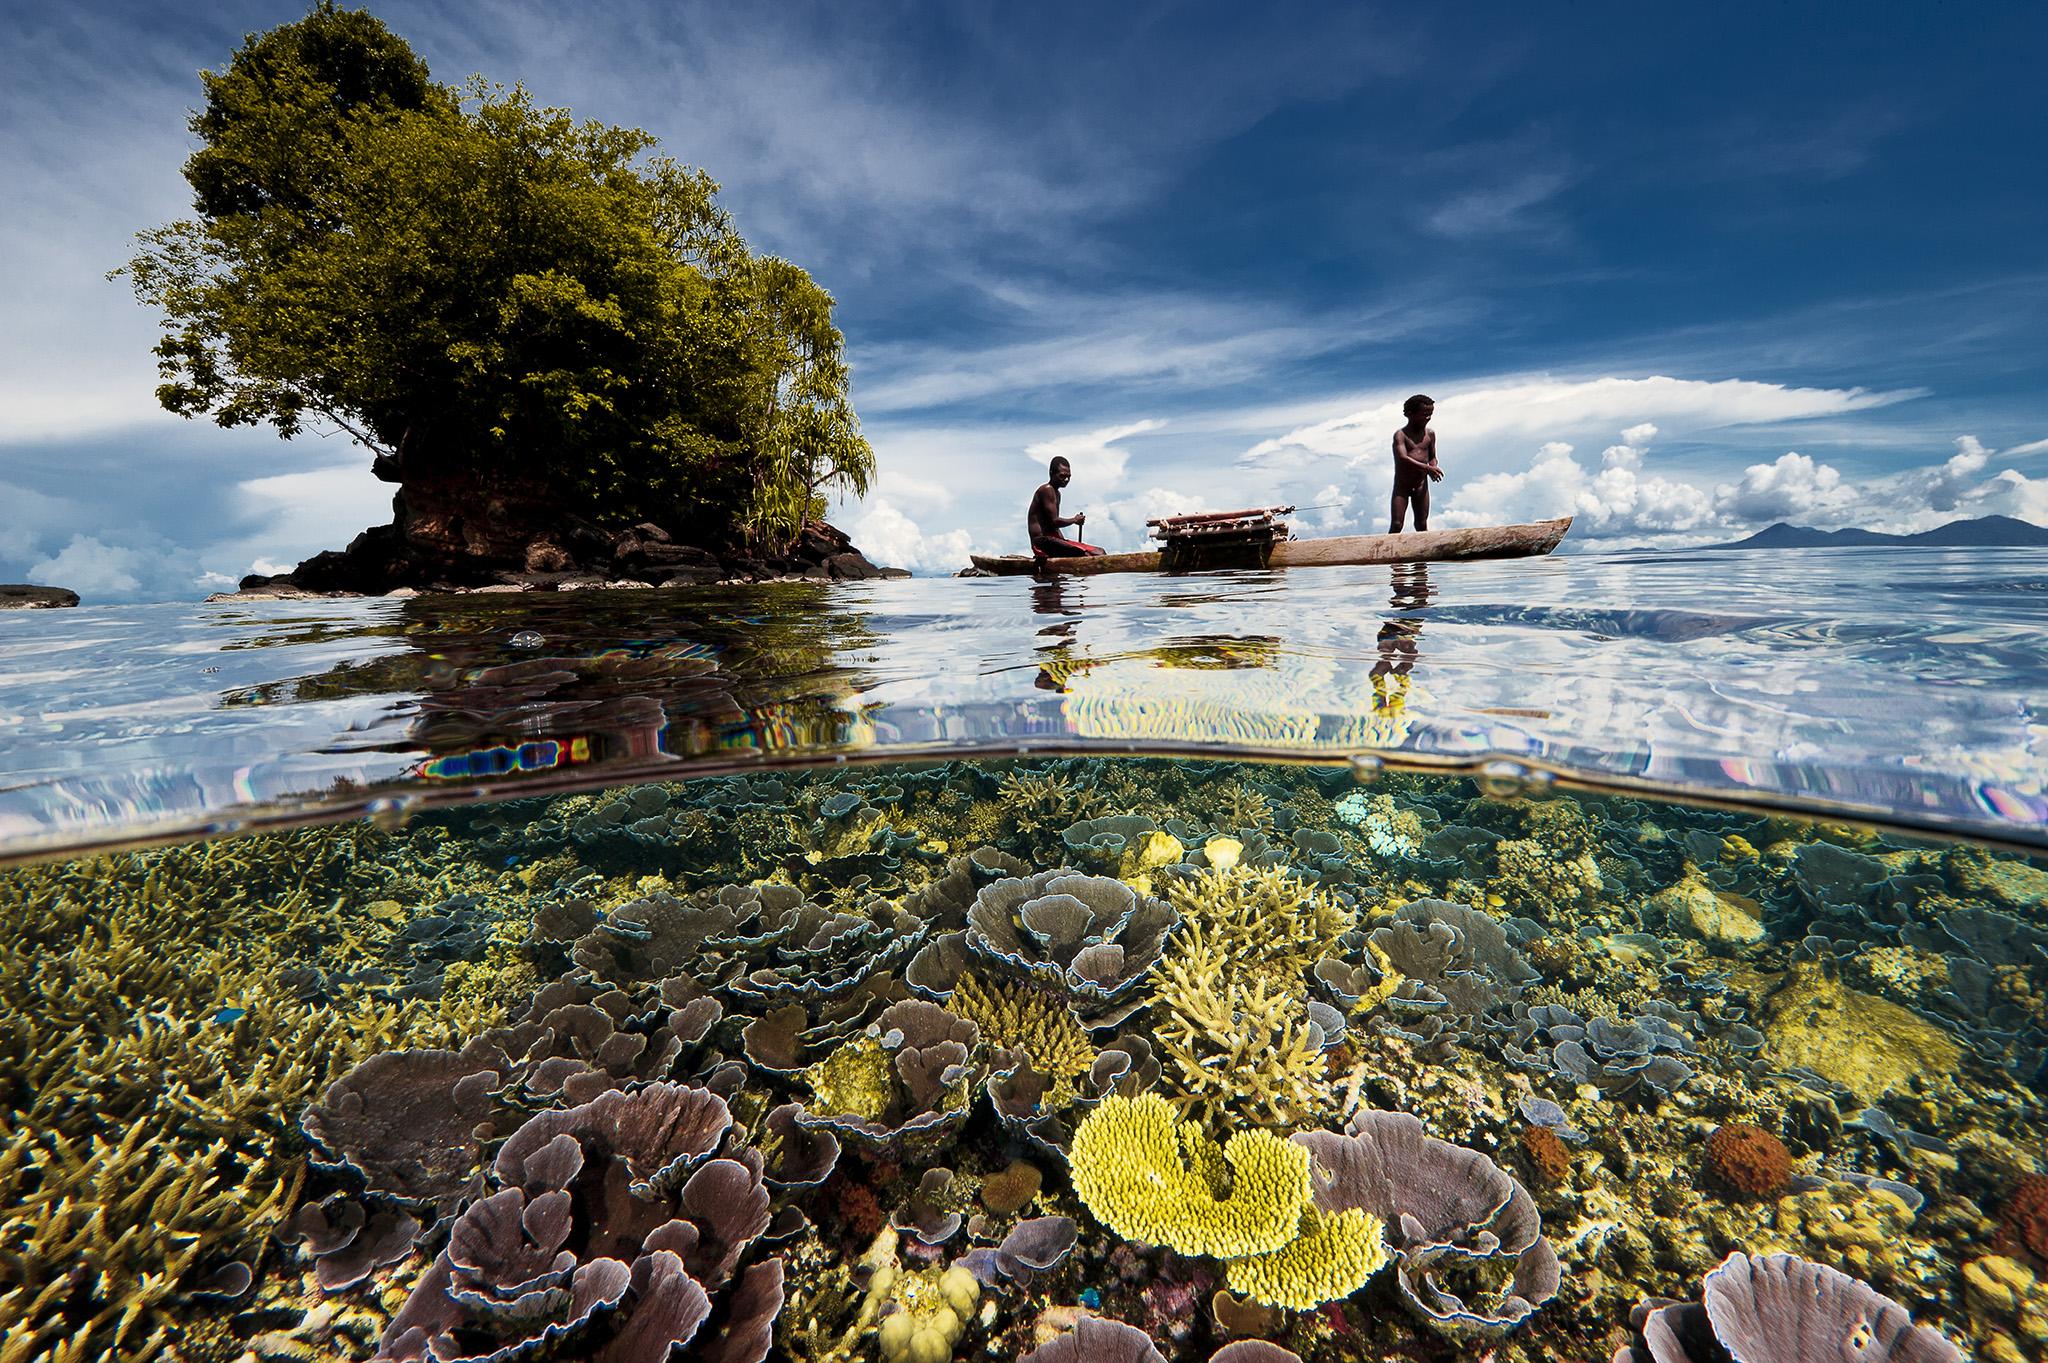 Pêcheurs père et fils. Un jardin coloré de coraux entoure un petit îlot près de la péninsule de Willaumez dans la baie de Kimbe, en Papouasie- Nouvelle-Guinée. Alors que je photographie ce paradis d'eaux peu profondes, un père et son fils, deux pêcheurs, ont glissé devant mon objectif pour compléter cette scène. La Papouasie-Nouvelle-Guinée est une pierre angulaire du Triangle de Corail, une région océanique bordée par la Papouasie-Nouvelle-Guinée, les Philippines et l'Indonésie, connue pour sa biodiversité marine extrême.